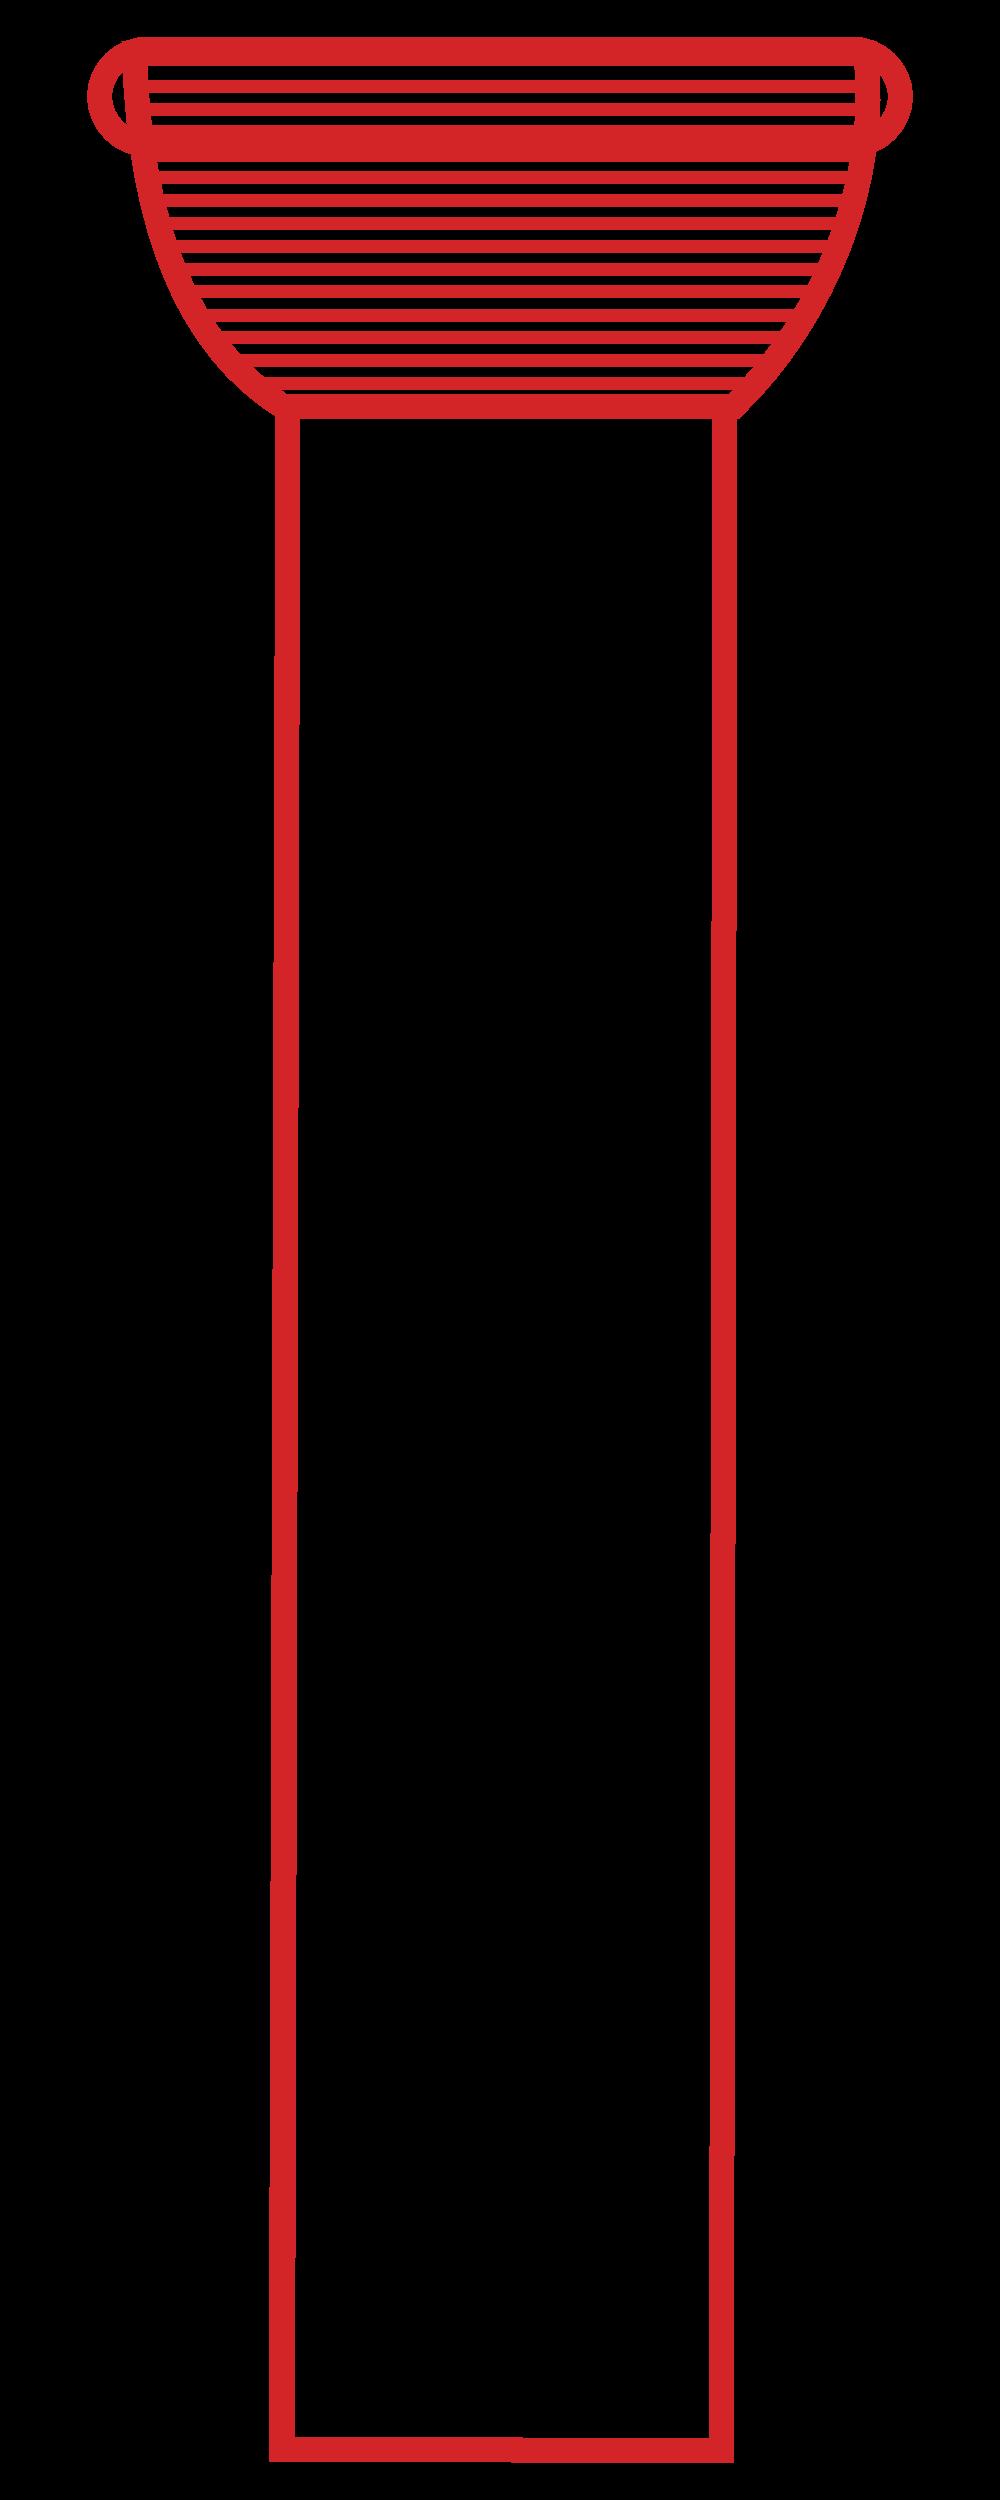 4. Winzer Laborglastechnik_Bauteile_Kugelschliff_Schale